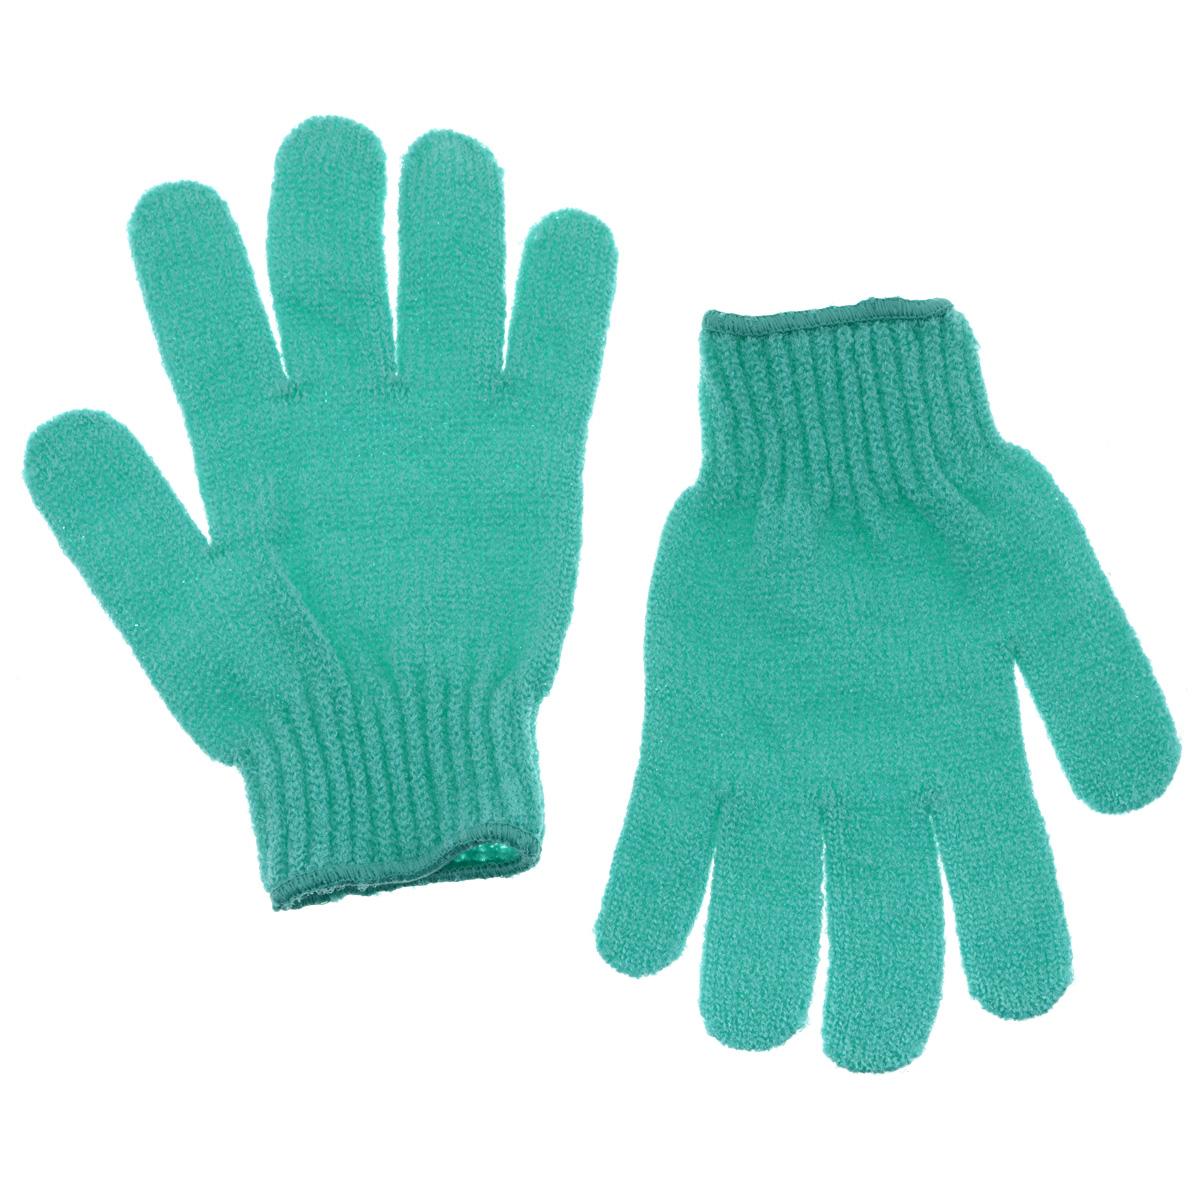 Riffi Перчатки для пилинга, цвет: бирюзовый615_бирюзовыйЭластичные безразмерные перчатки Riffi обладают активным антицеллюлитным эффектом и отличным пилинговым действием, тонизируя, массируя и эффективно очищая вашу кожу. Riffi освобождает кожу от отмерших клеток, стимулирует регенерацию. Эффективно предупреждают образование целлюлита и обеспечивают омолаживающий эффект. Кожа становится гладкой, упругой и лучше готовой к принятию косметических средств. Интенсивный и пощипывающе свежий массаж тела с применением Riffi стимулирует кровообращение, активирует кровоснабжение, способствует обмену веществ. В комплекте 1 пара перчаток. Характеристики:Материал: 100% полиакрил. Размер перчатки (в нерастянутом виде): 17,5 см x 12,5 см. Артикул:615.